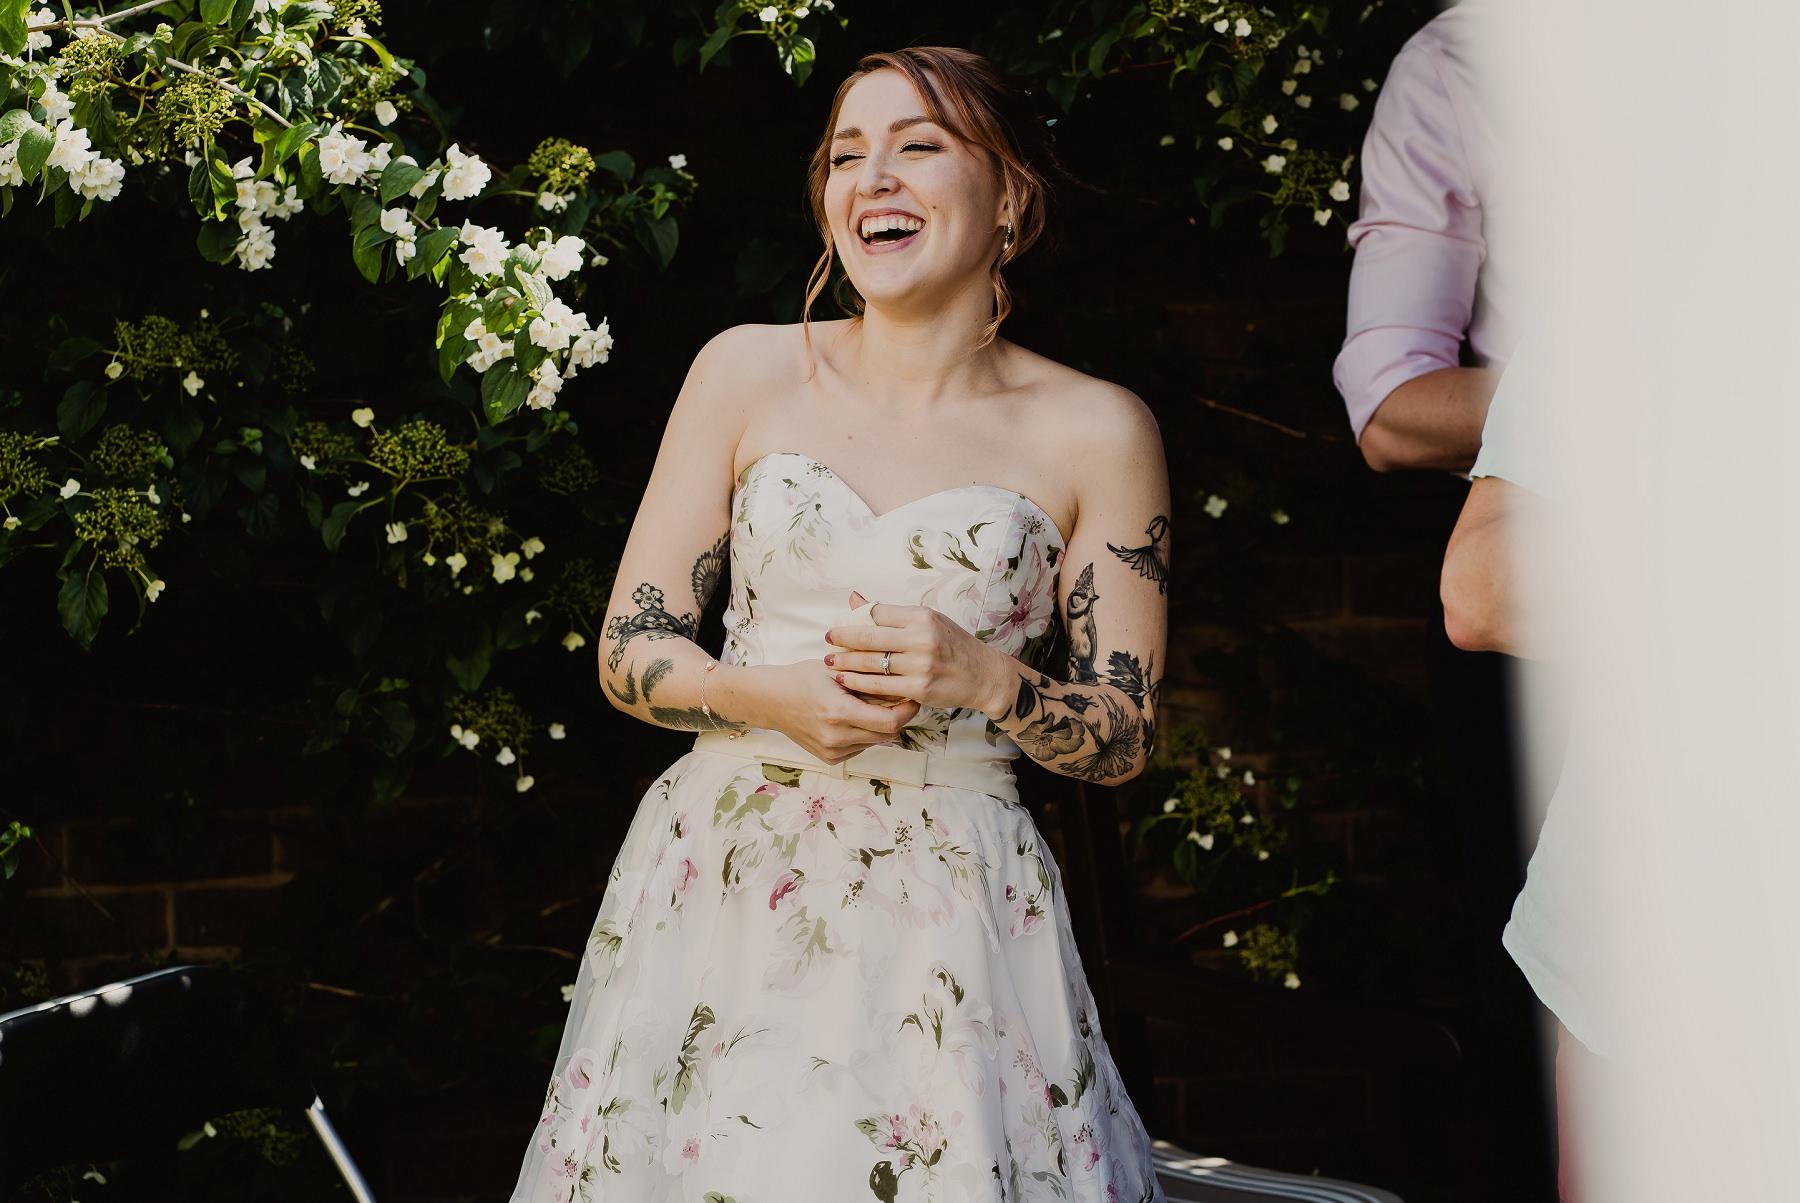 danny_alex_wedding_tease_0099.jpg